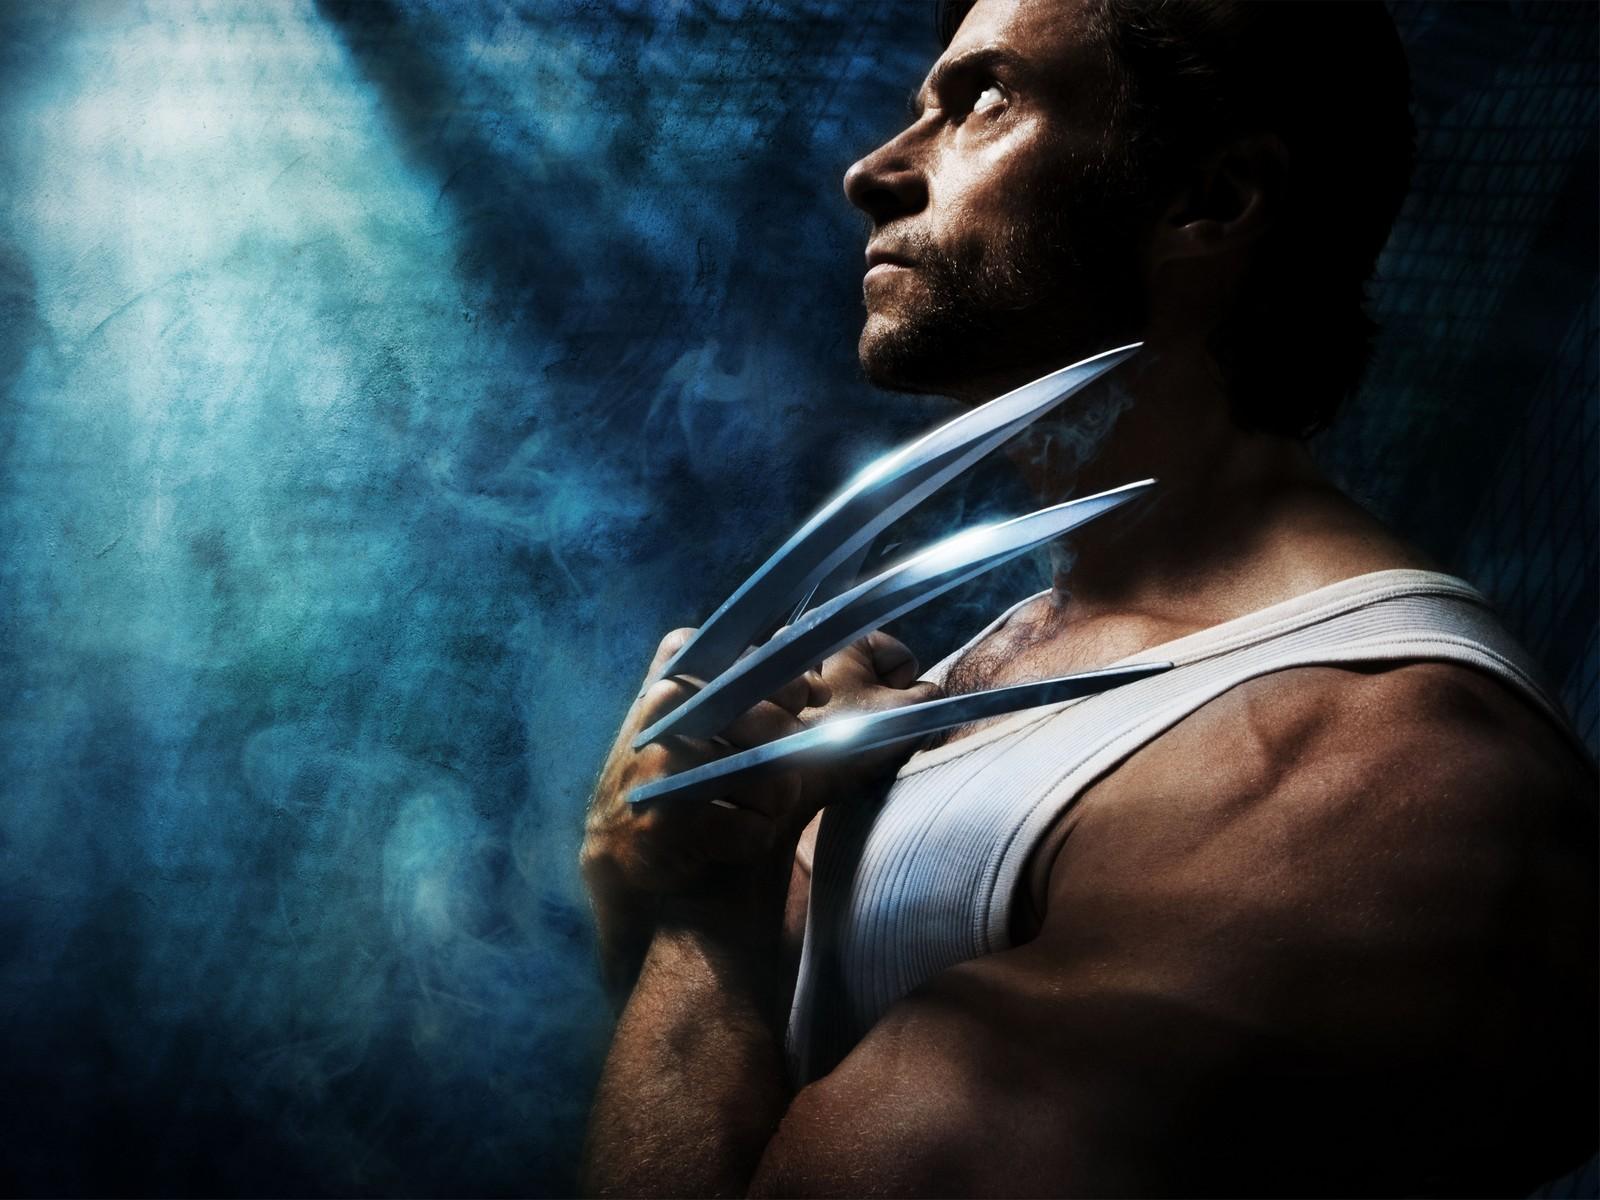 XMEN Origins Wolverine 4 Wallpapers HD Wallpapers 1600x1200